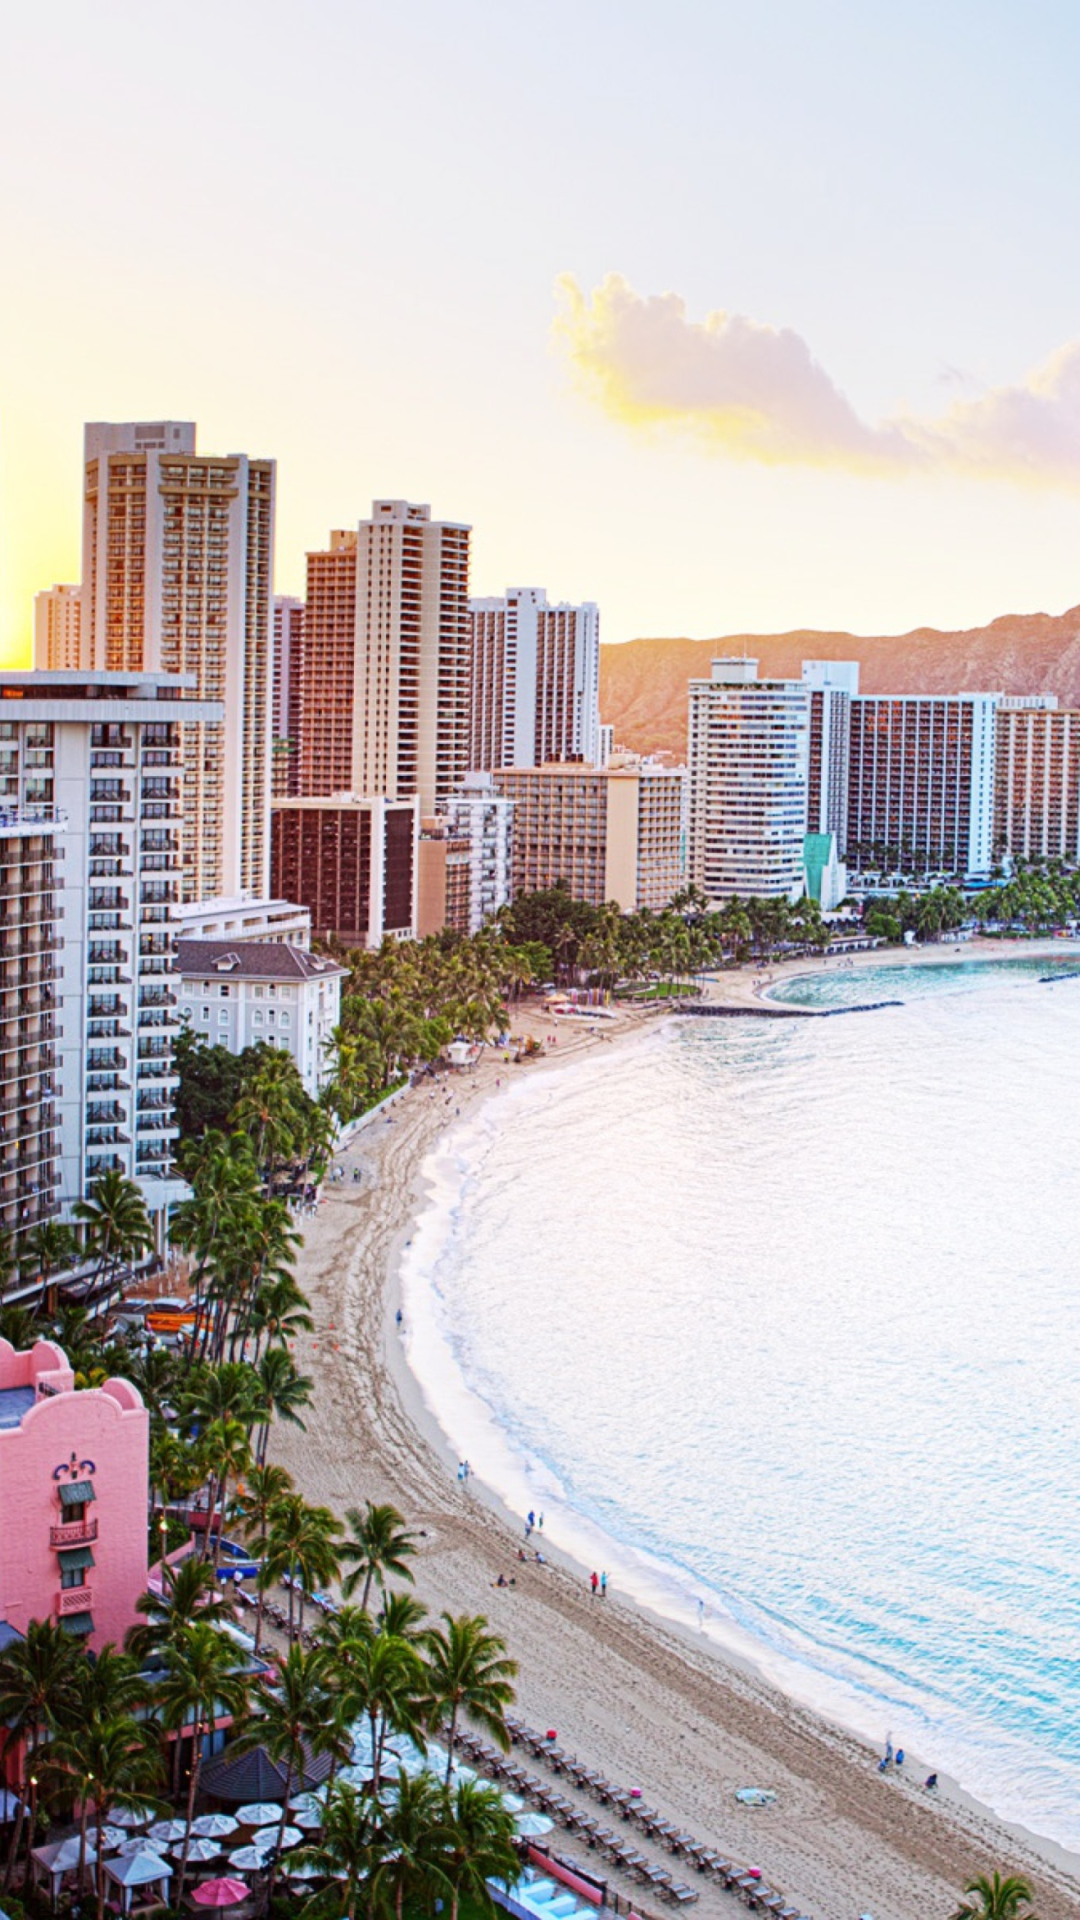 高画質なハワイの風景 Iphone6 Plus用壁紙 16枚 世界のフラ